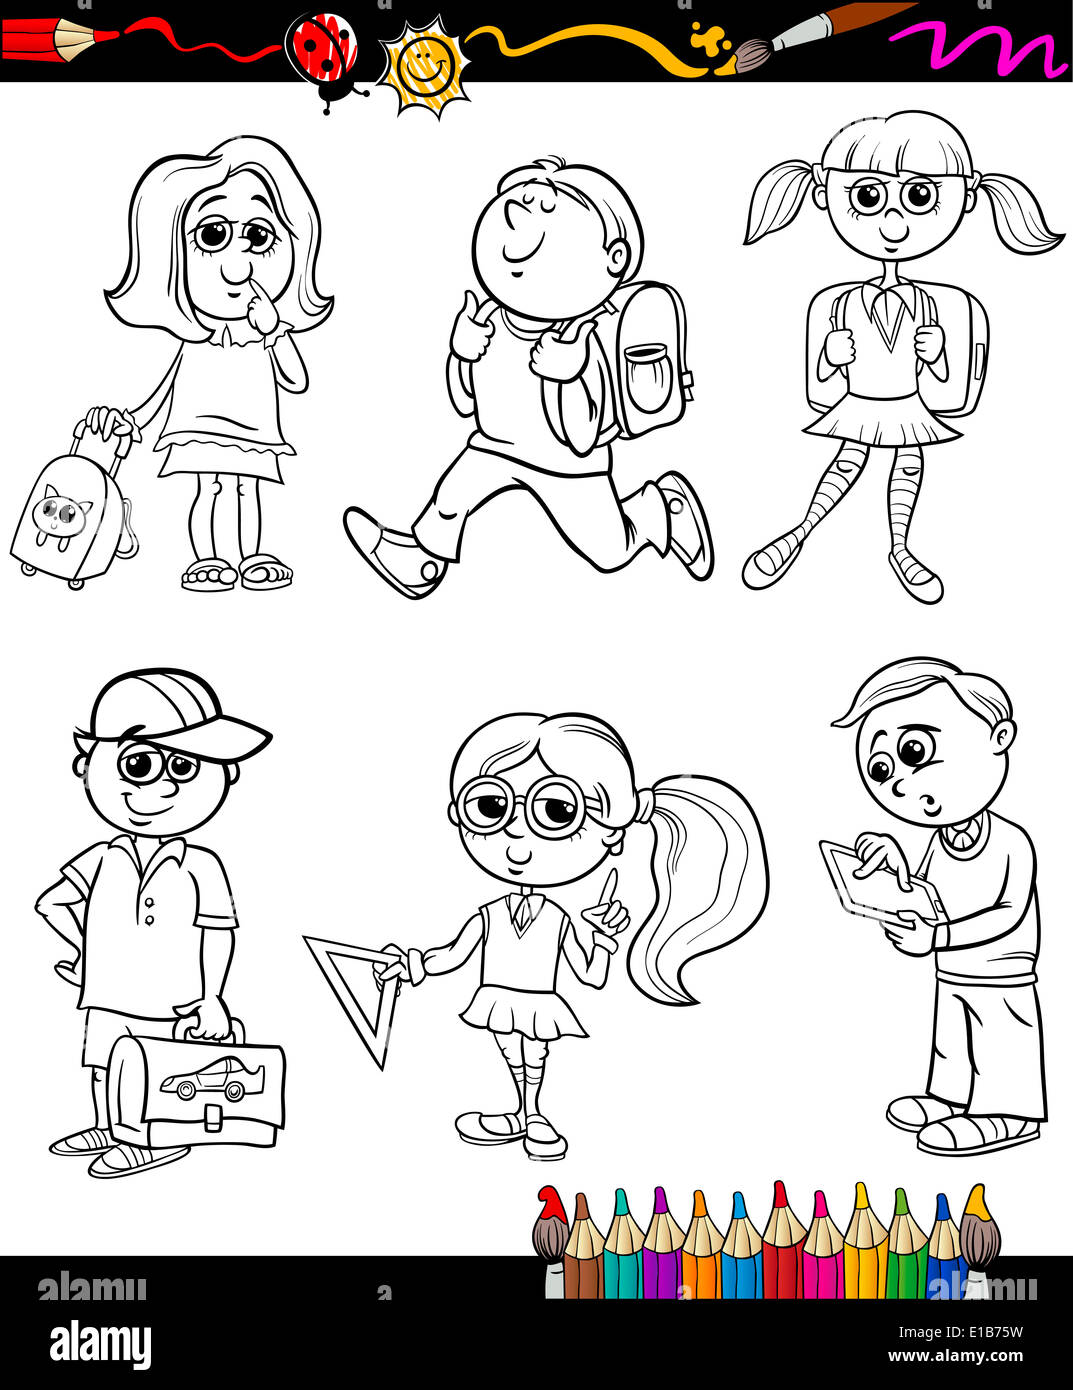 Libro Para Colorear O Página Cartoon Ilustración A Color O